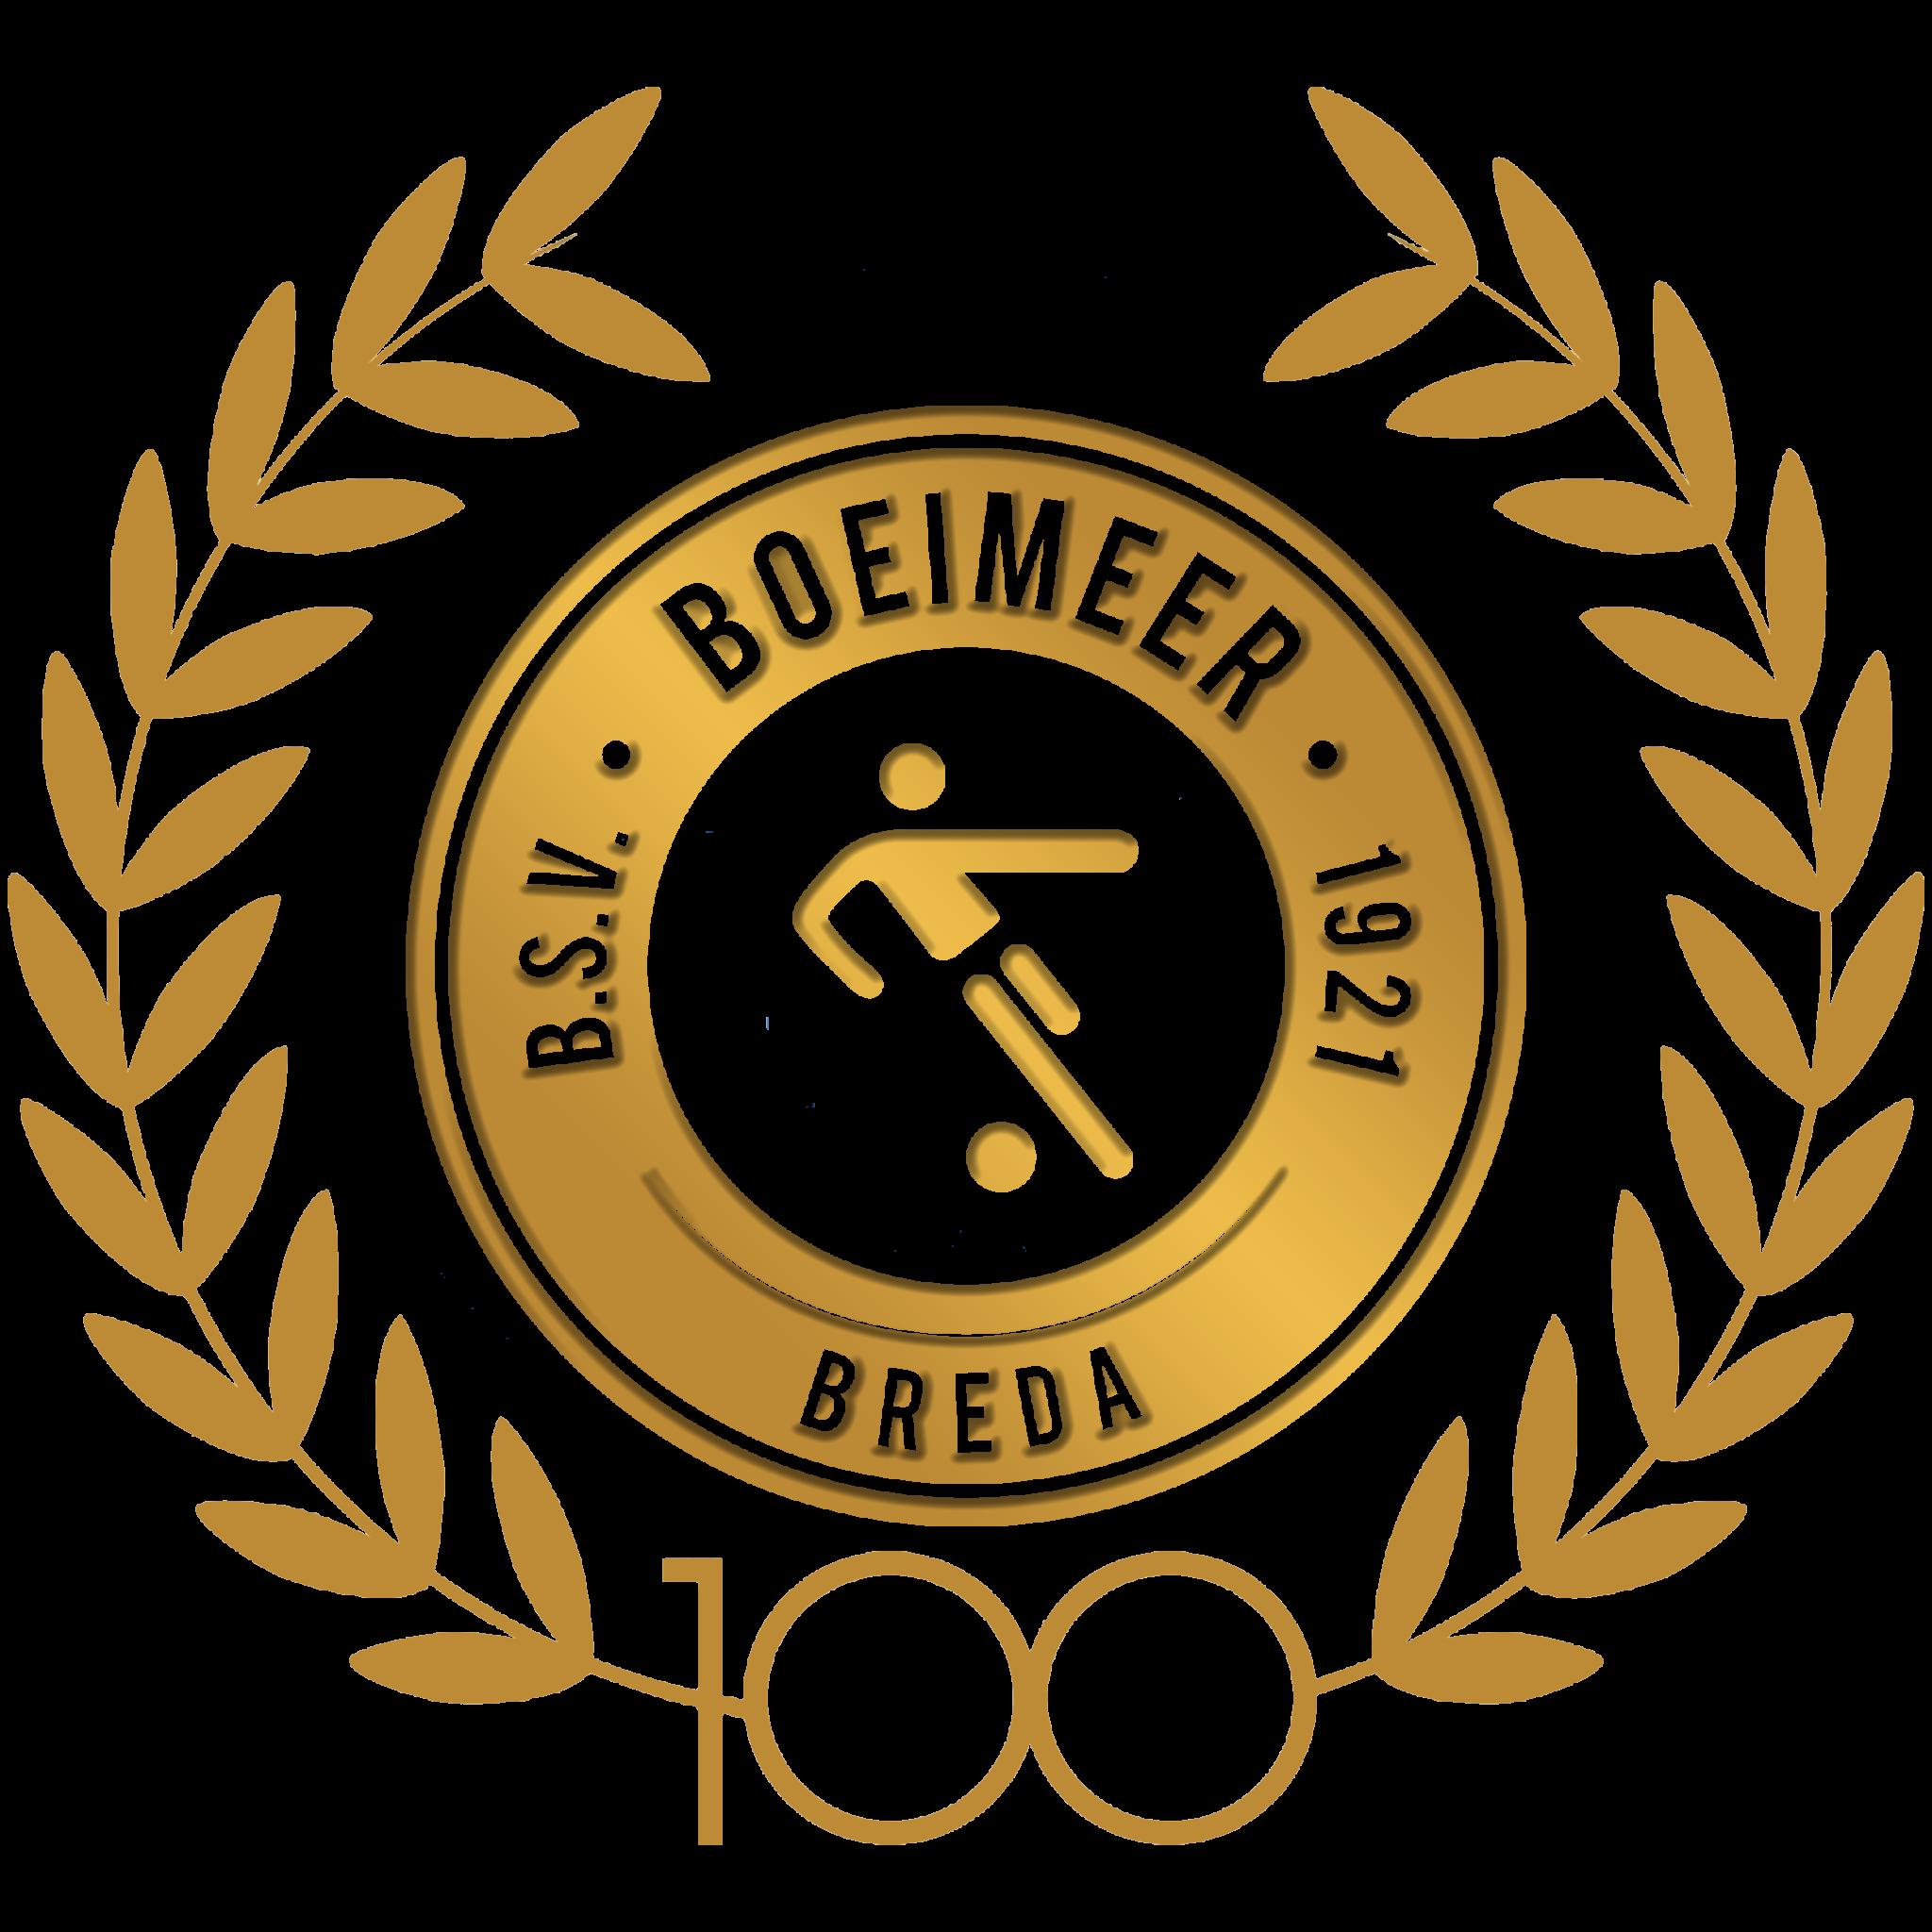 Bruisend Boeimeer 100 jaar!!